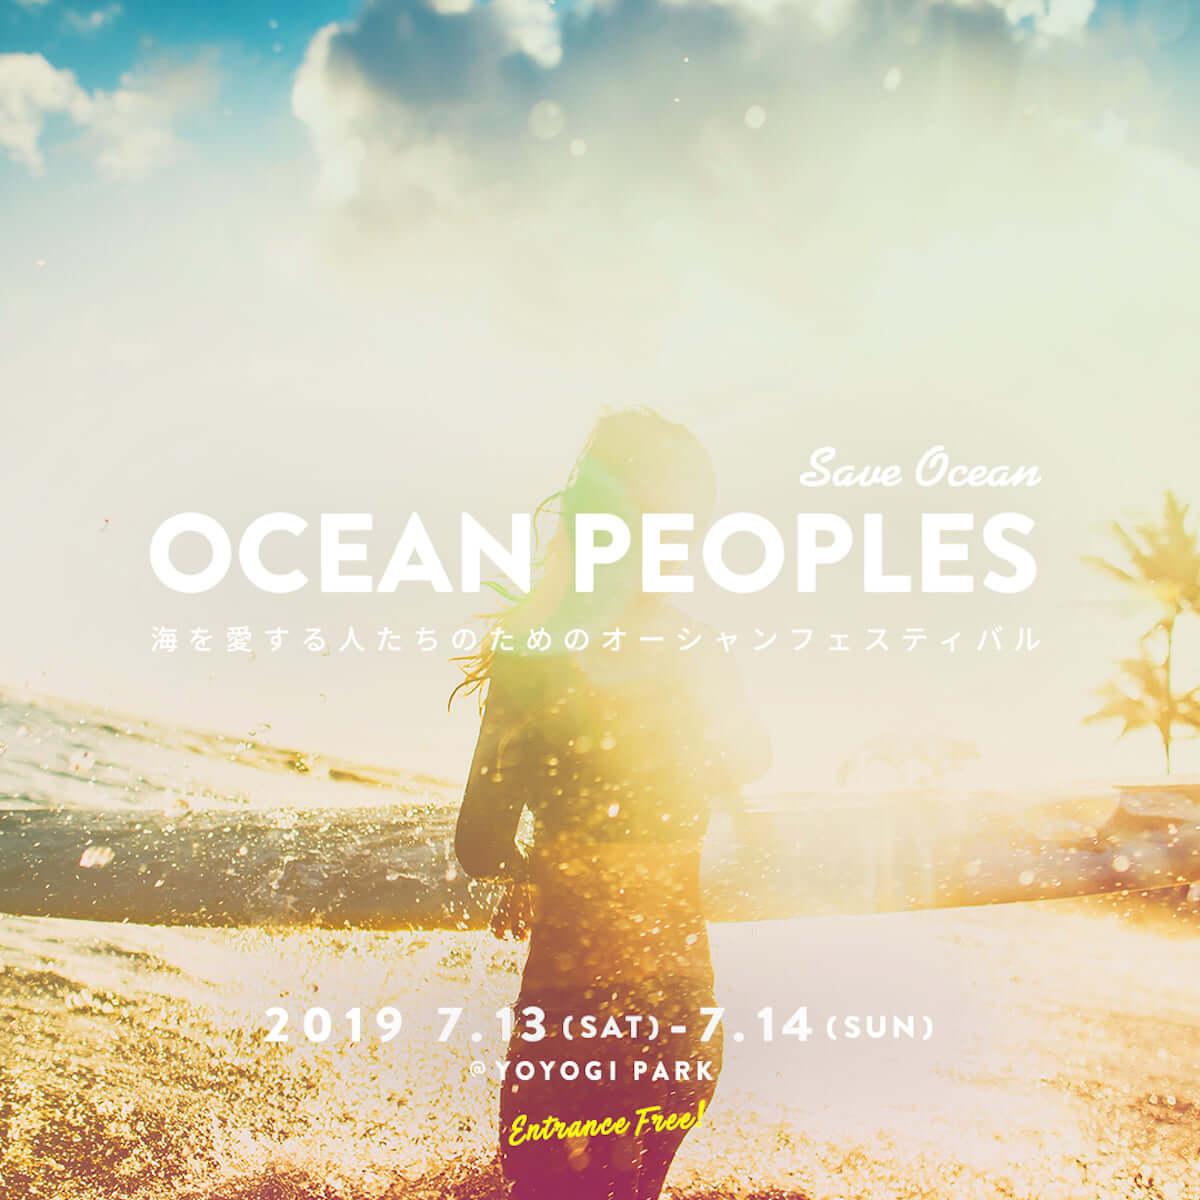 都会の真ん中で海を感じる。入場無料フェス<OCEAN PEOPLES'19>開催決定!ライブ&ビーチショップも ar190303-oceanspeople2-1200x1200